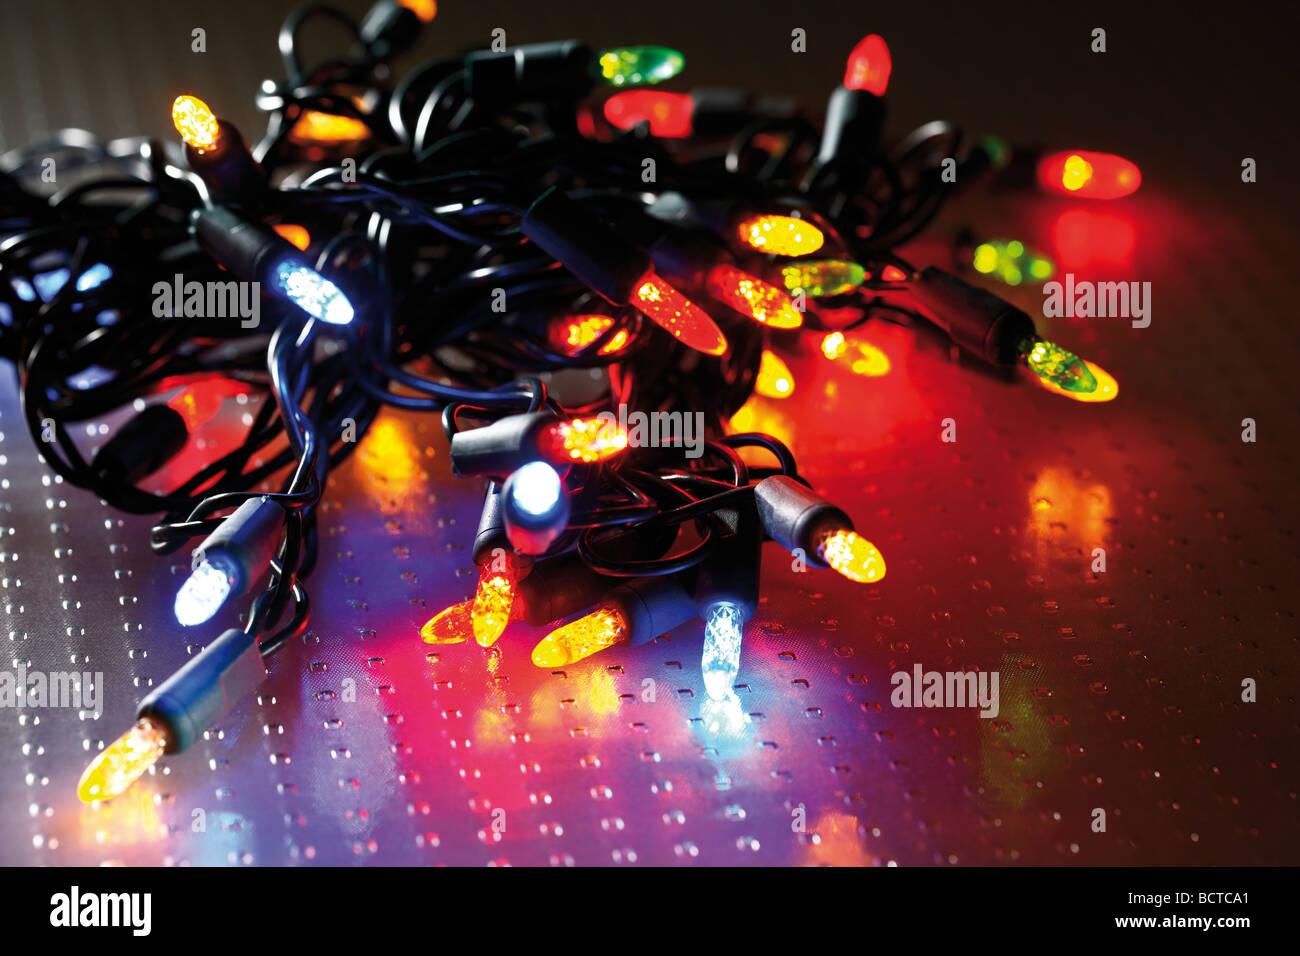 bunte lichterkette weihnachtsbeleuchtung stockfoto bild. Black Bedroom Furniture Sets. Home Design Ideas